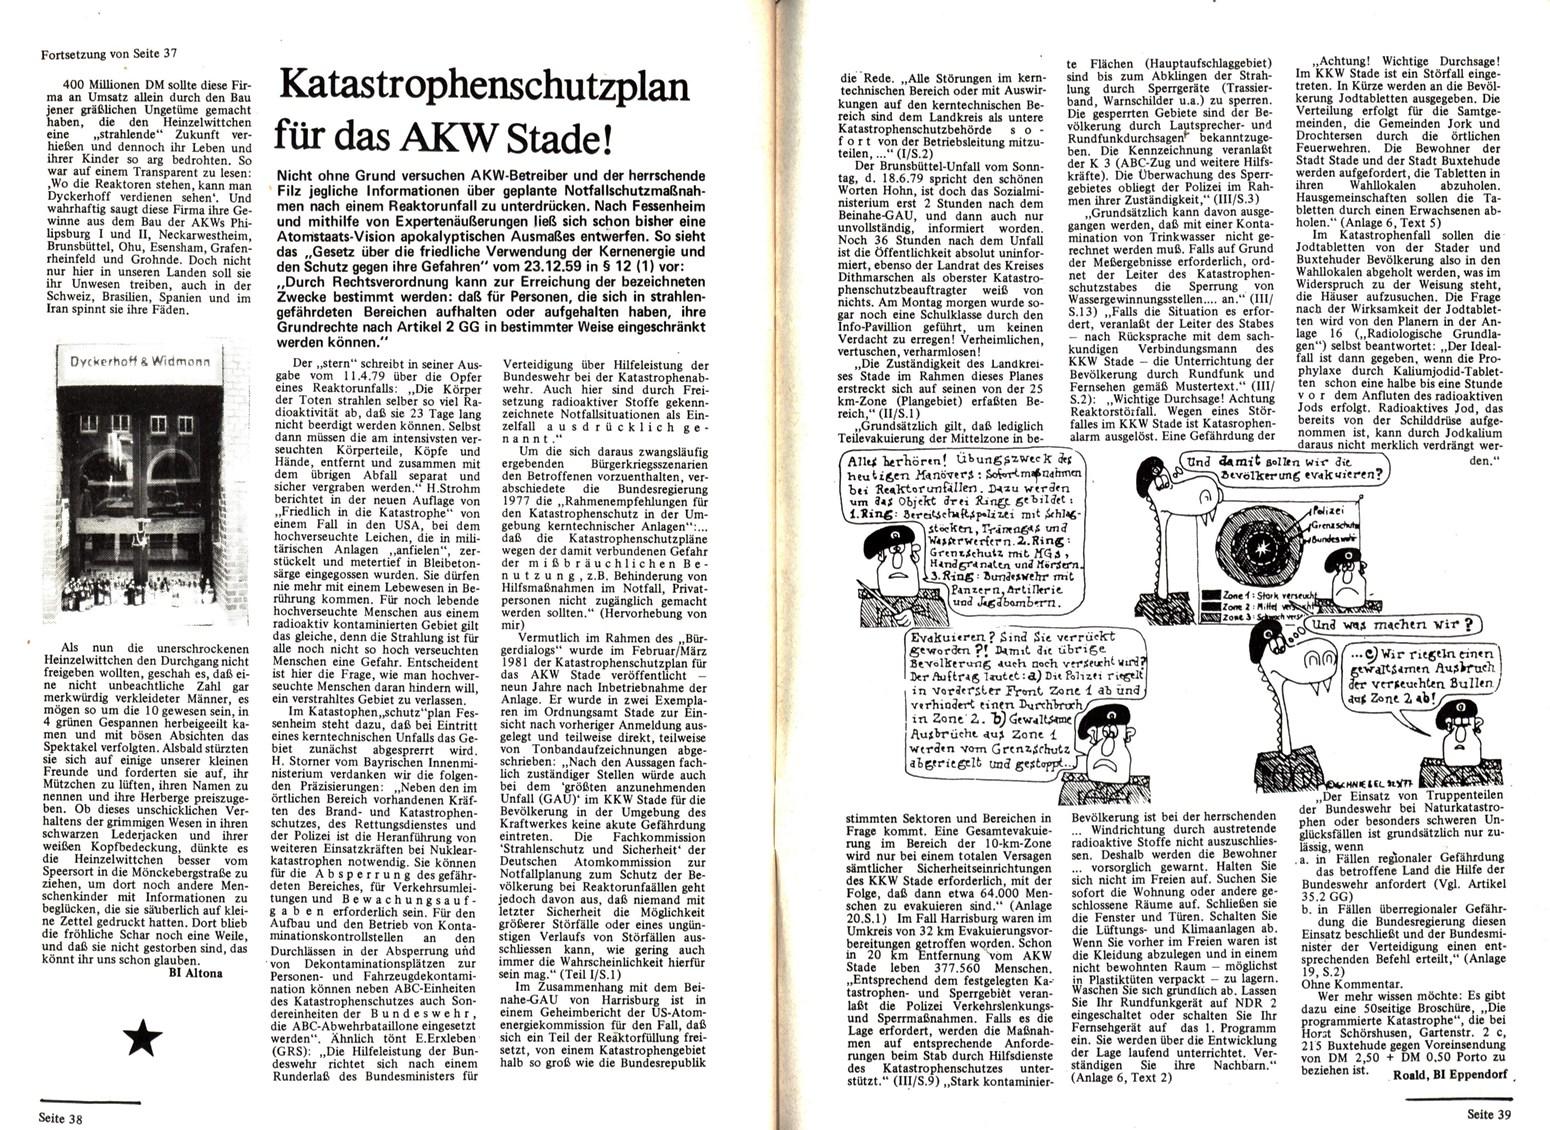 Hamburg_BuLi_Info_19810600_20